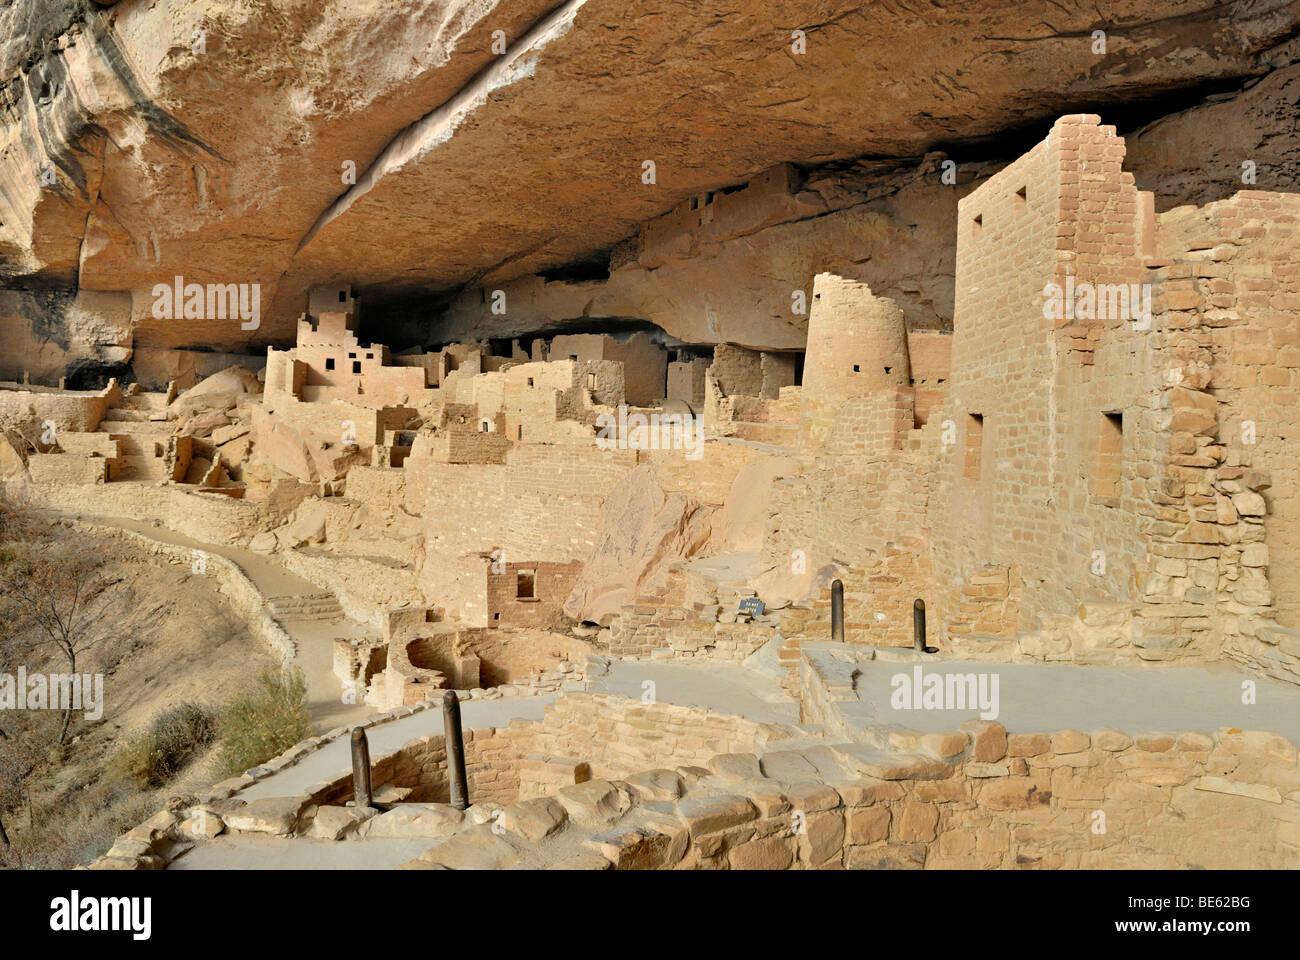 Dimora storica e sito di culto del Puebloans ancestrale, Cliff Palace, vista parziale, circa 1200 DC, parzialmente Immagini Stock